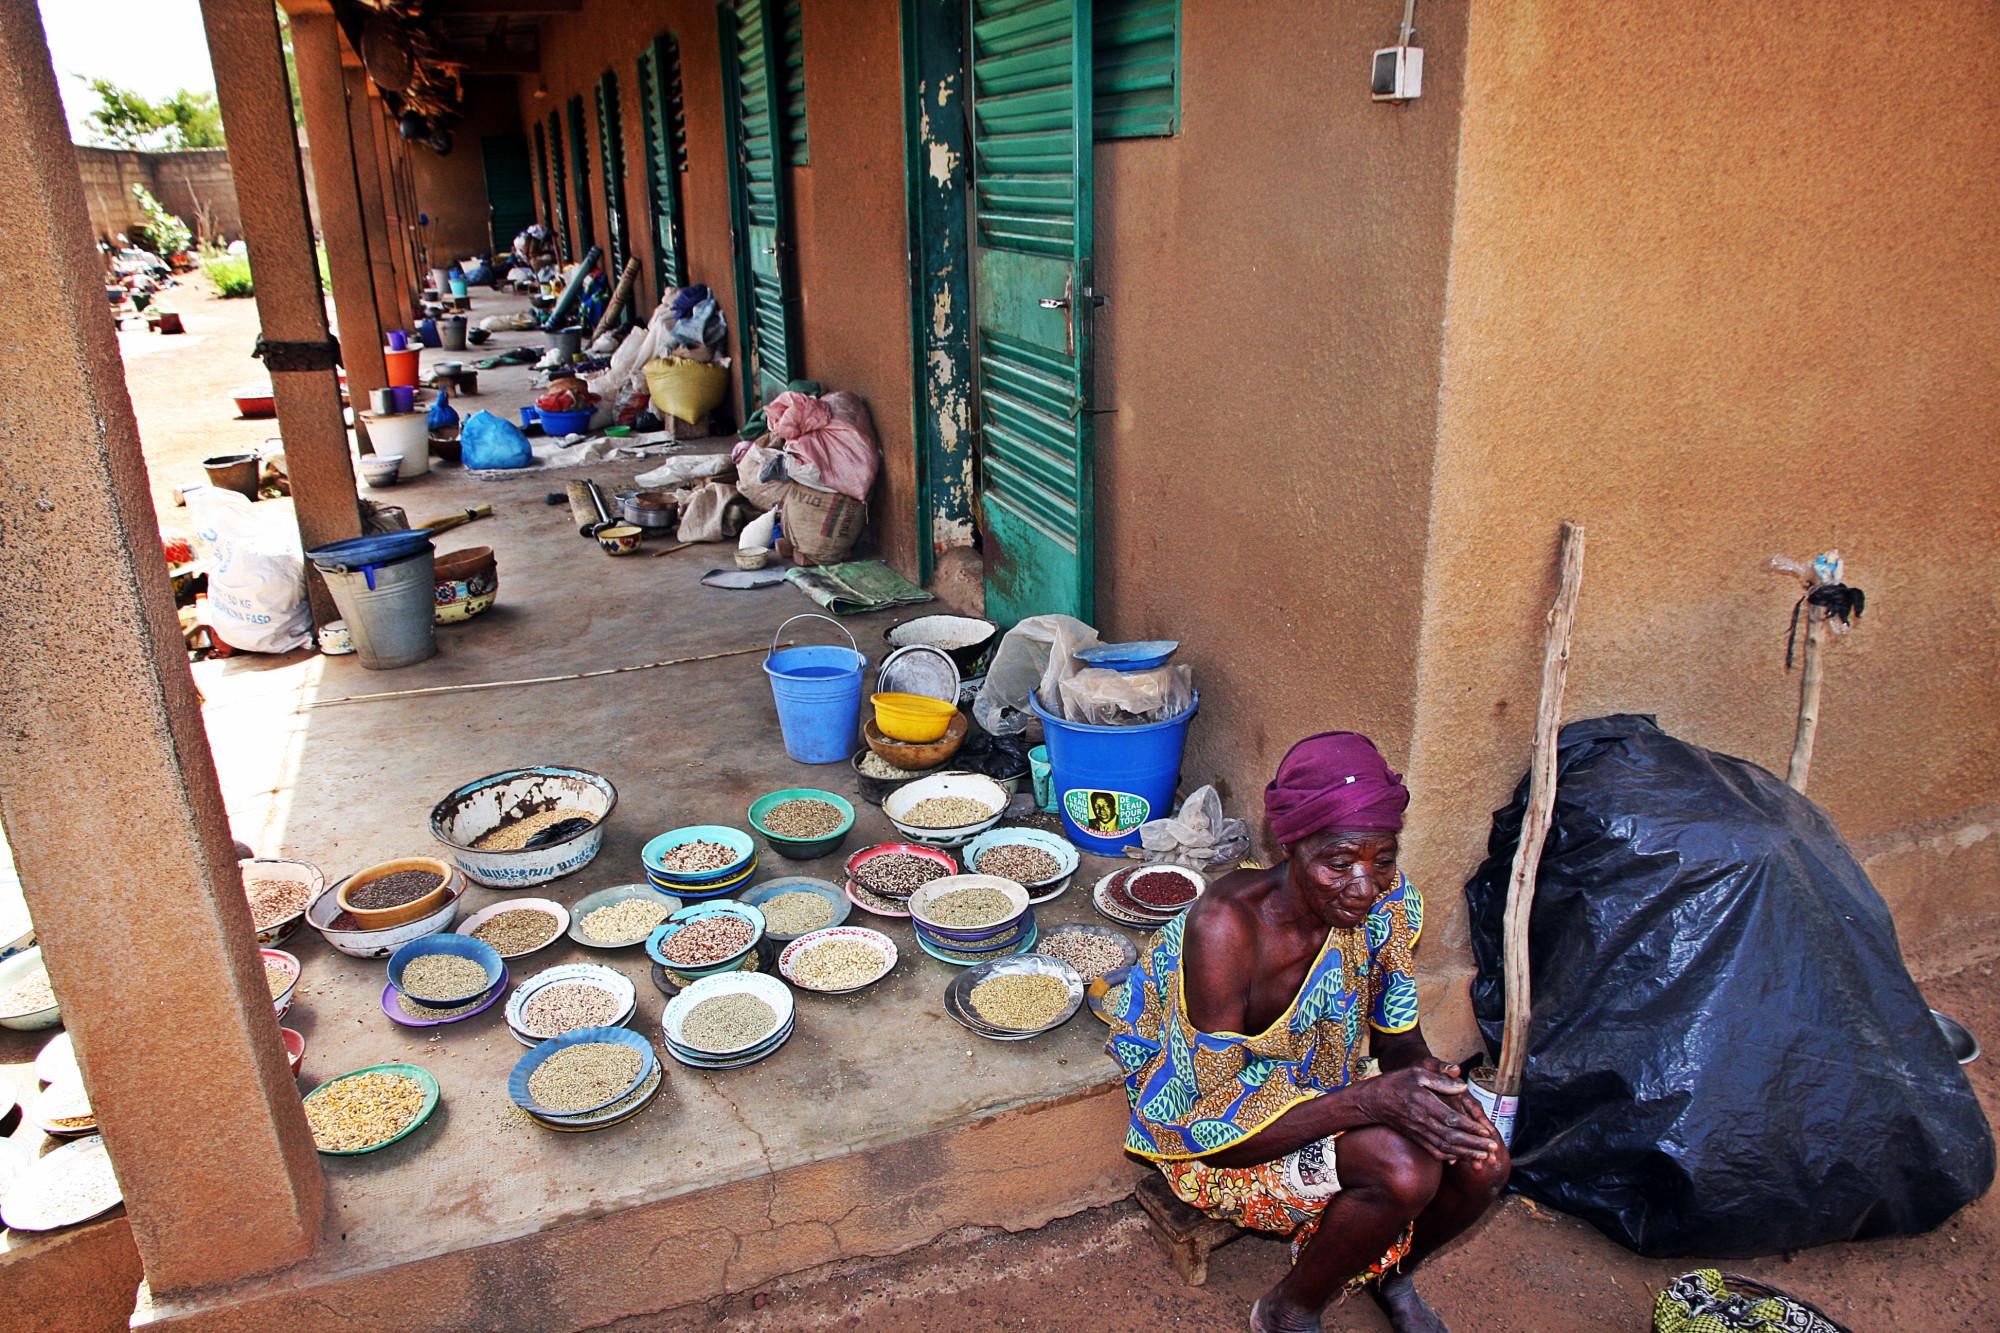 Ouagadogiu, 2014 - Centro Wende de Toughin dove vengono ricoverate donne allontanate dai familiari e dai villaggi perchè accusate di stregoneria